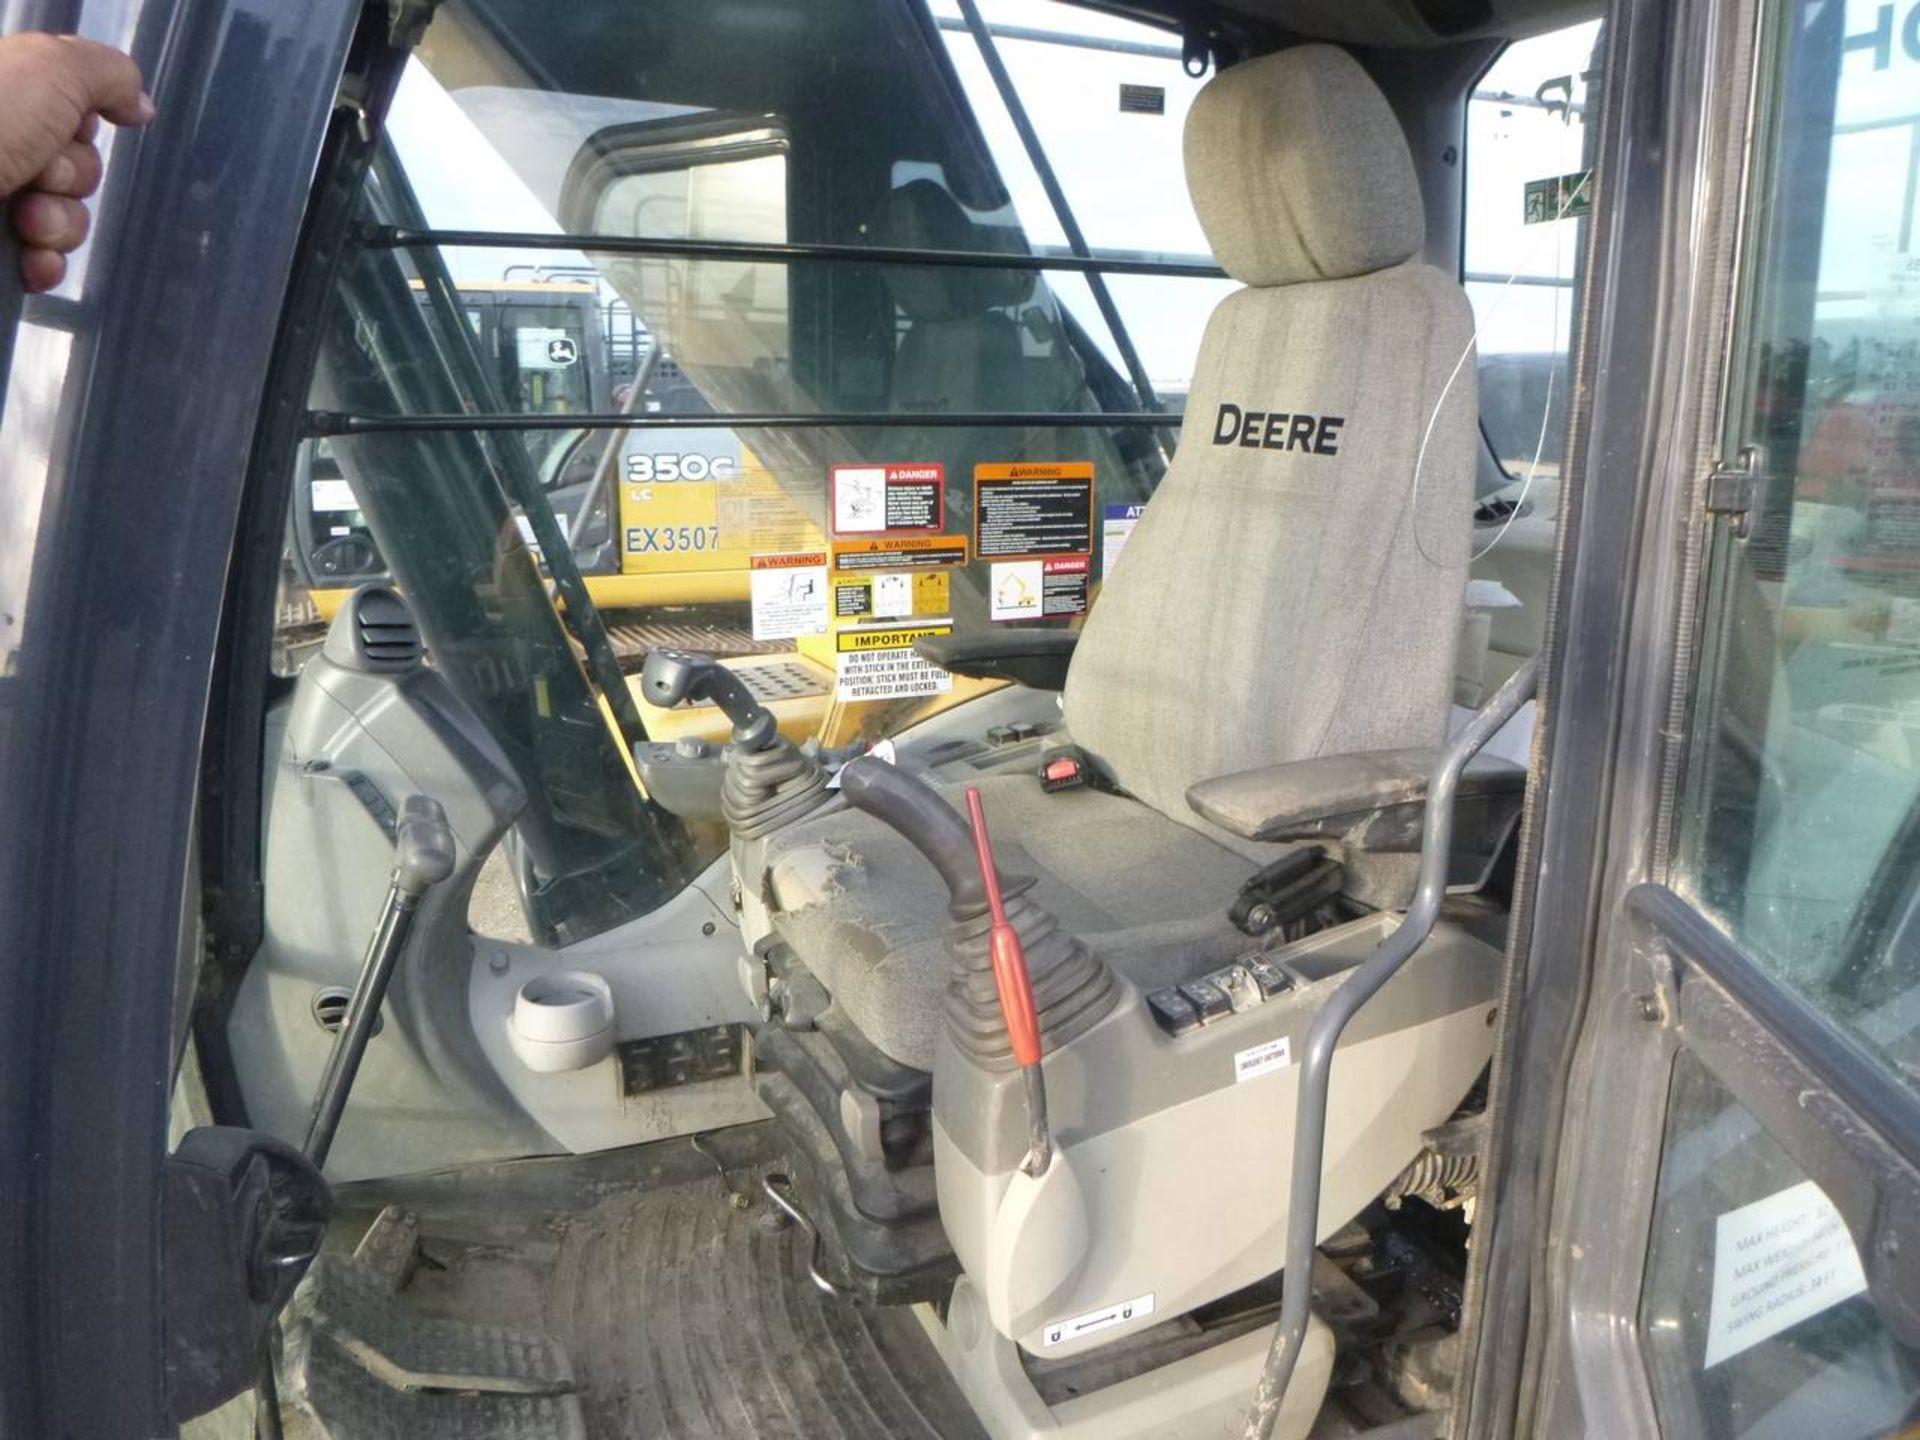 2012 John Deere 350G LC Excavator - Image 9 of 12